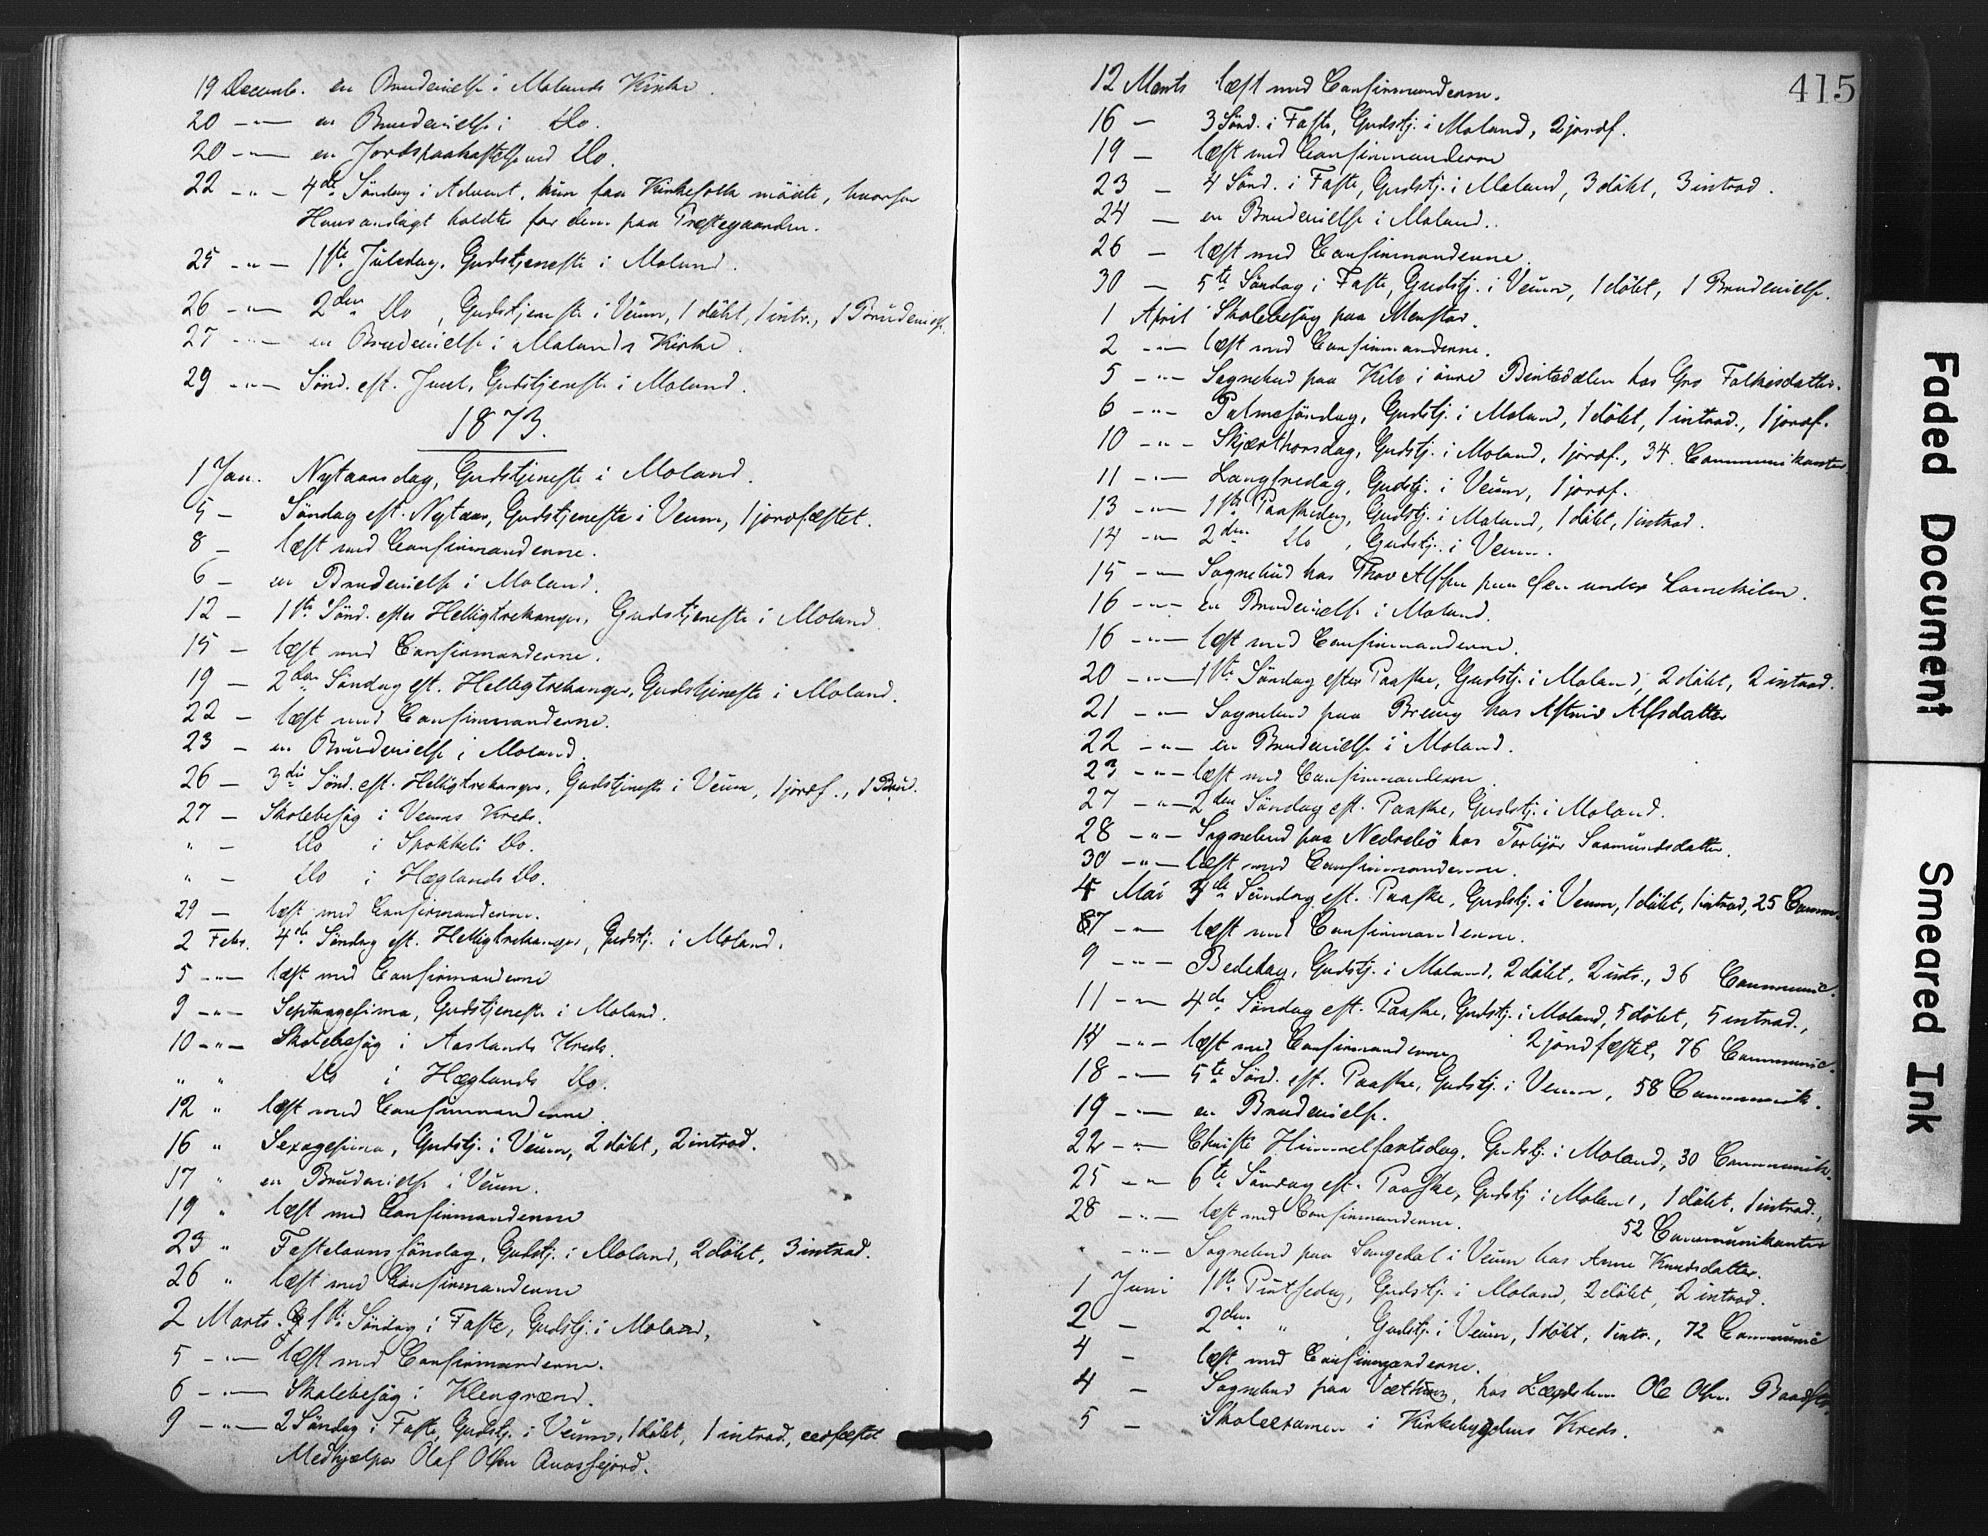 SAKO, Fyresdal kirkebøker, F/Fa/L0006: Ministerialbok nr. I 6, 1872-1886, s. 415